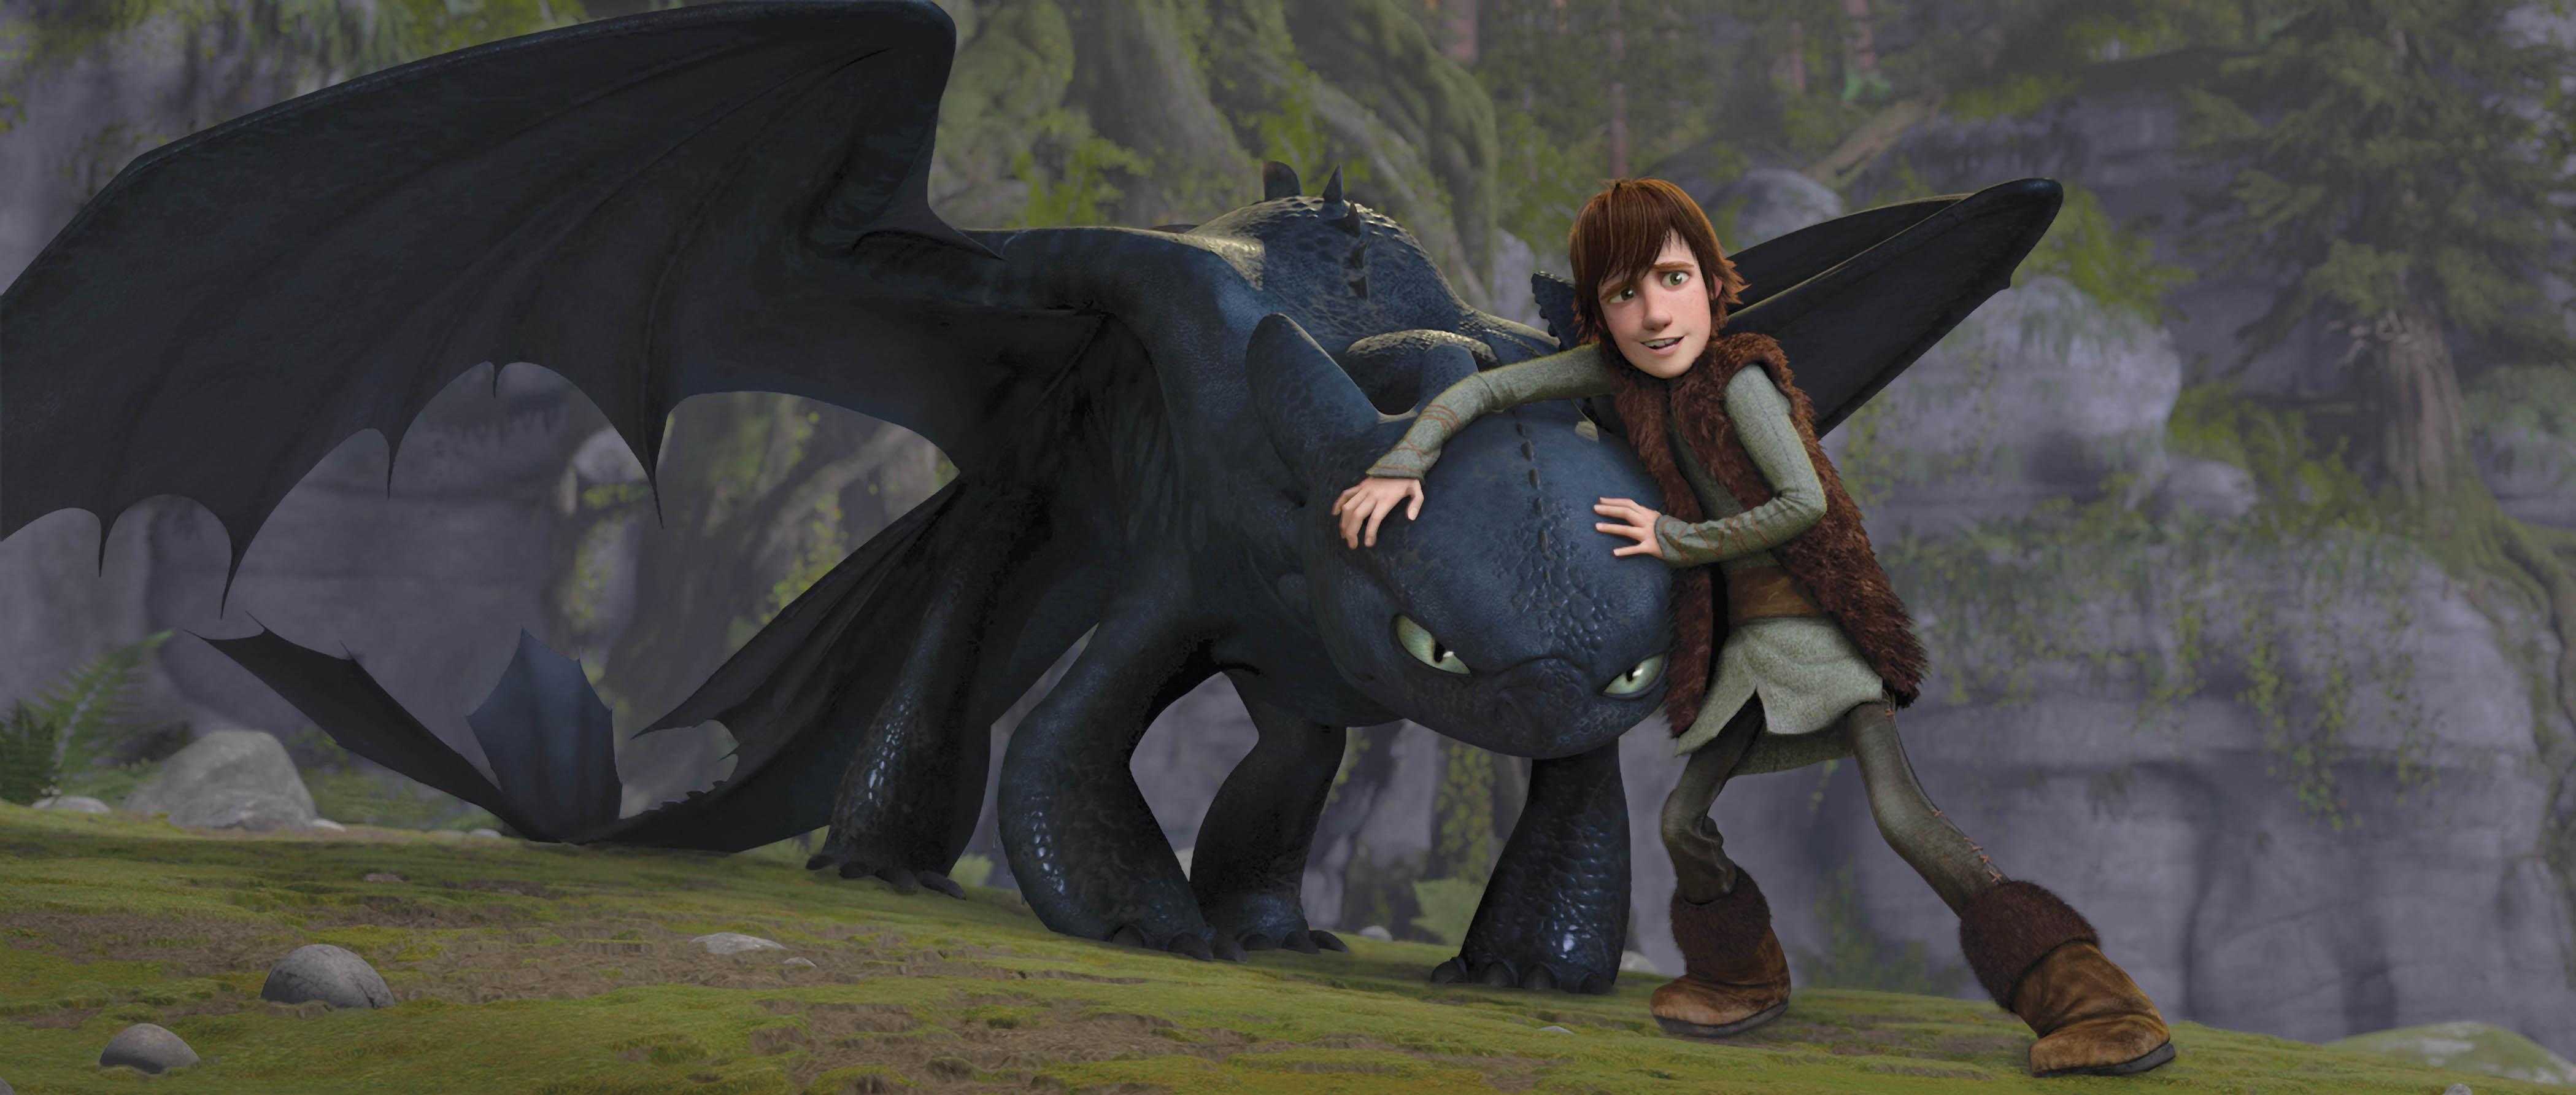 приручить дракона смотреть онлайн мультфильм: